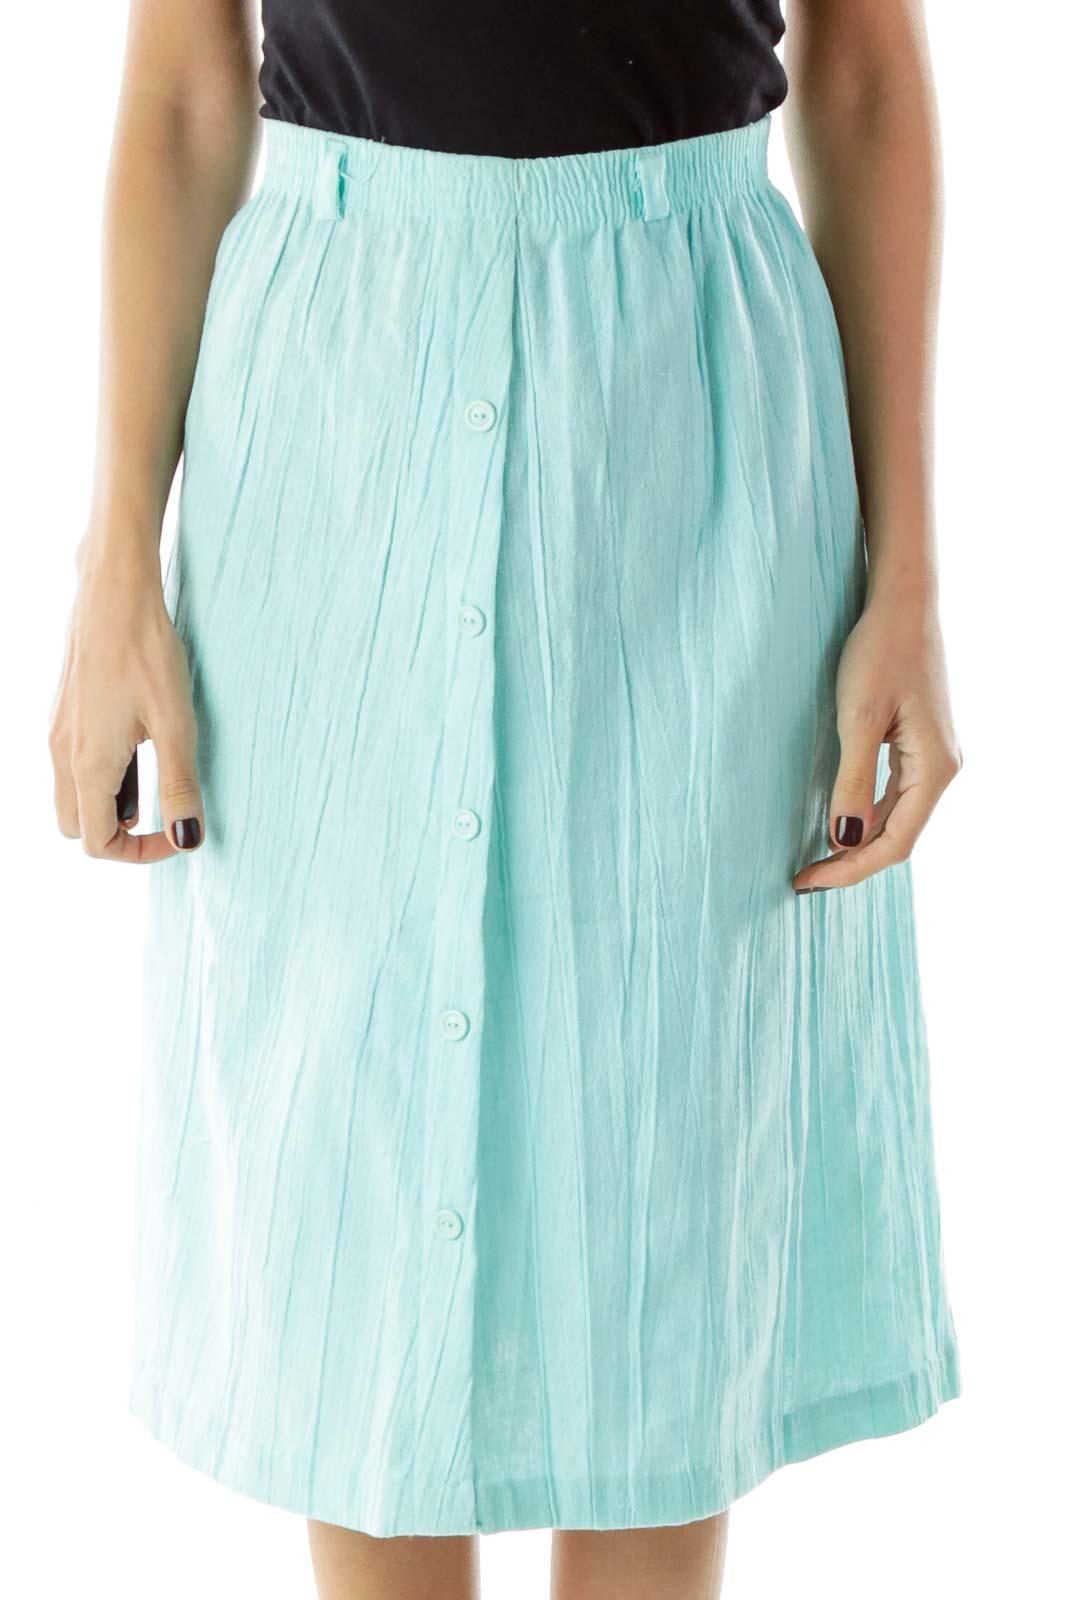 Blue Flared Knee Length Skirt